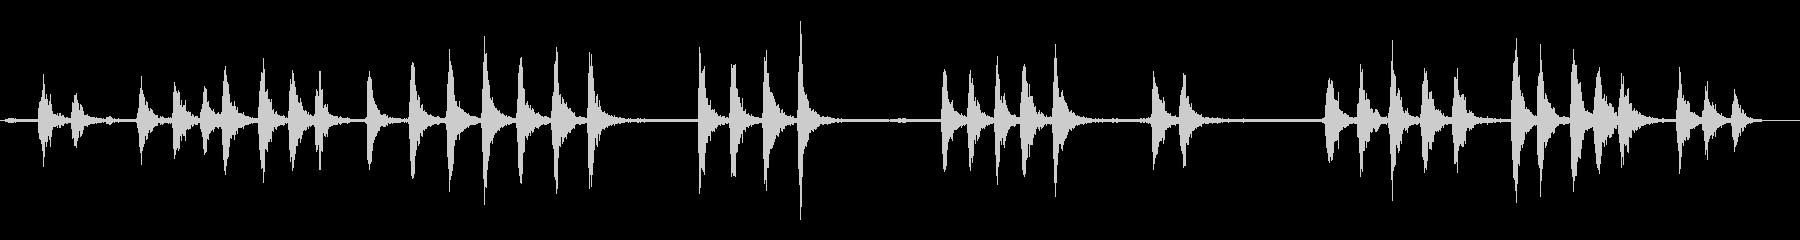 バーキング、アウトドア、アニマル、...の未再生の波形